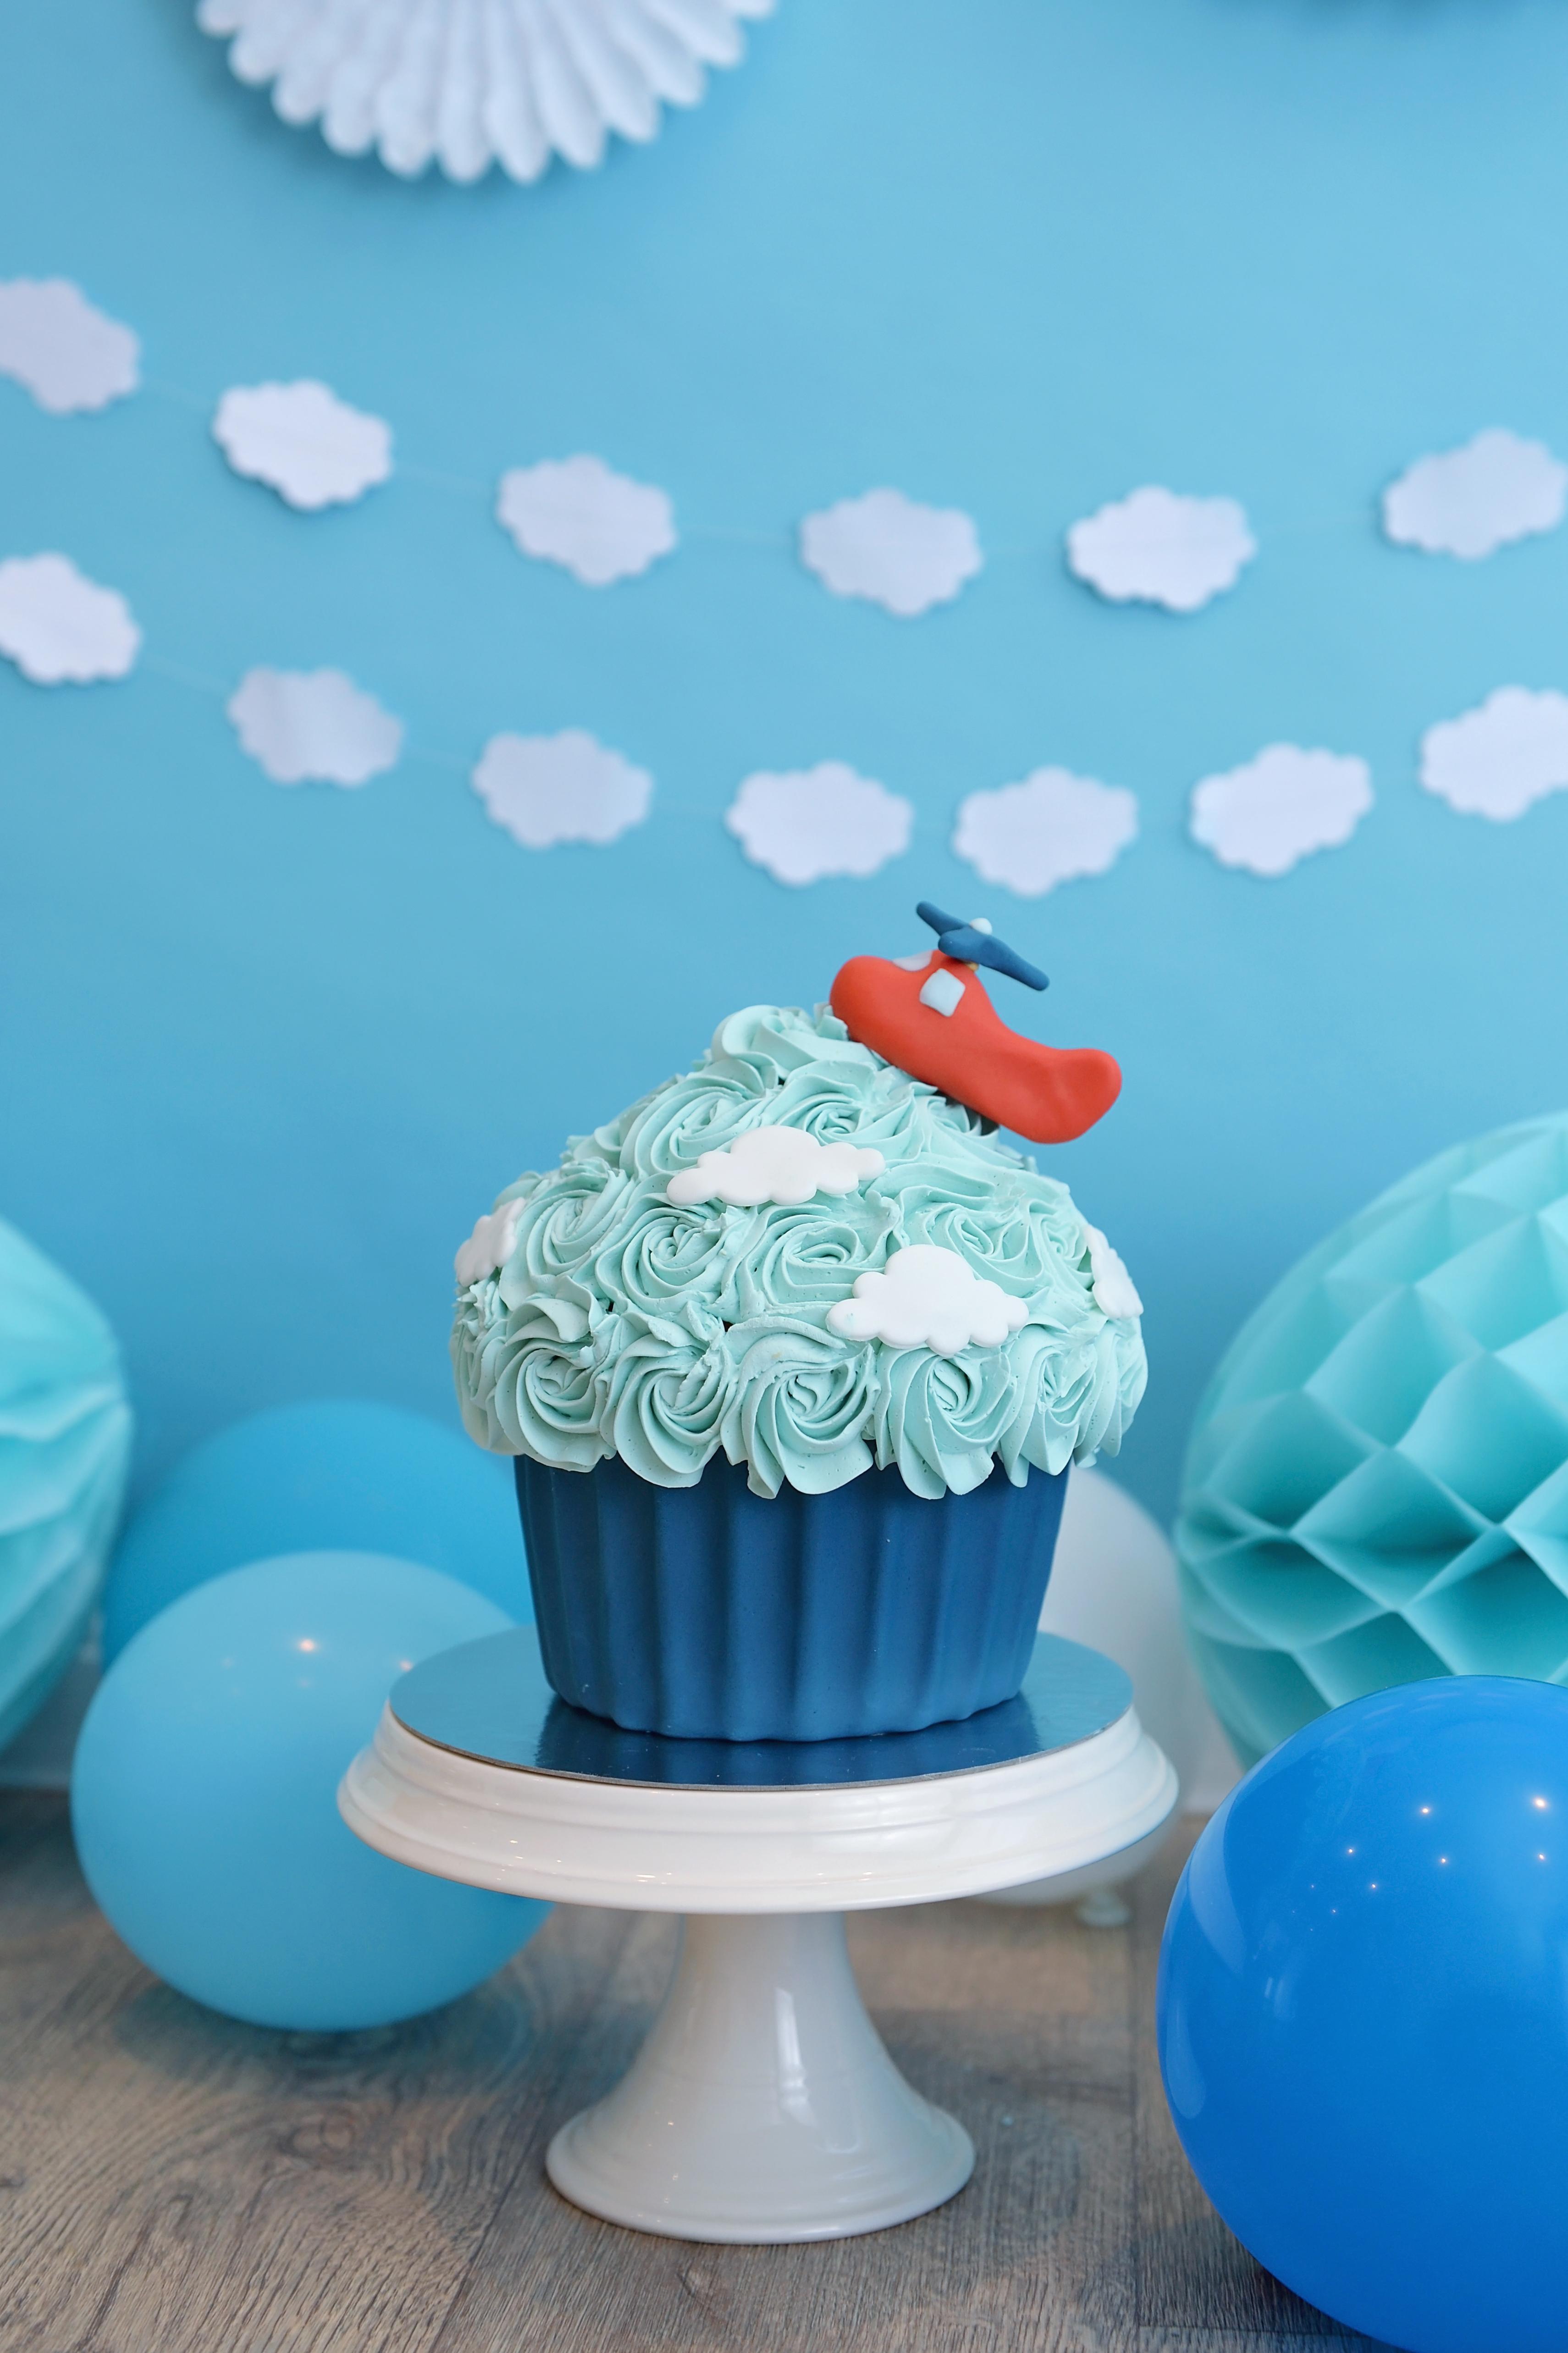 Cake Smash Fotoshoot Taart helikopter helicopter giant cupcake